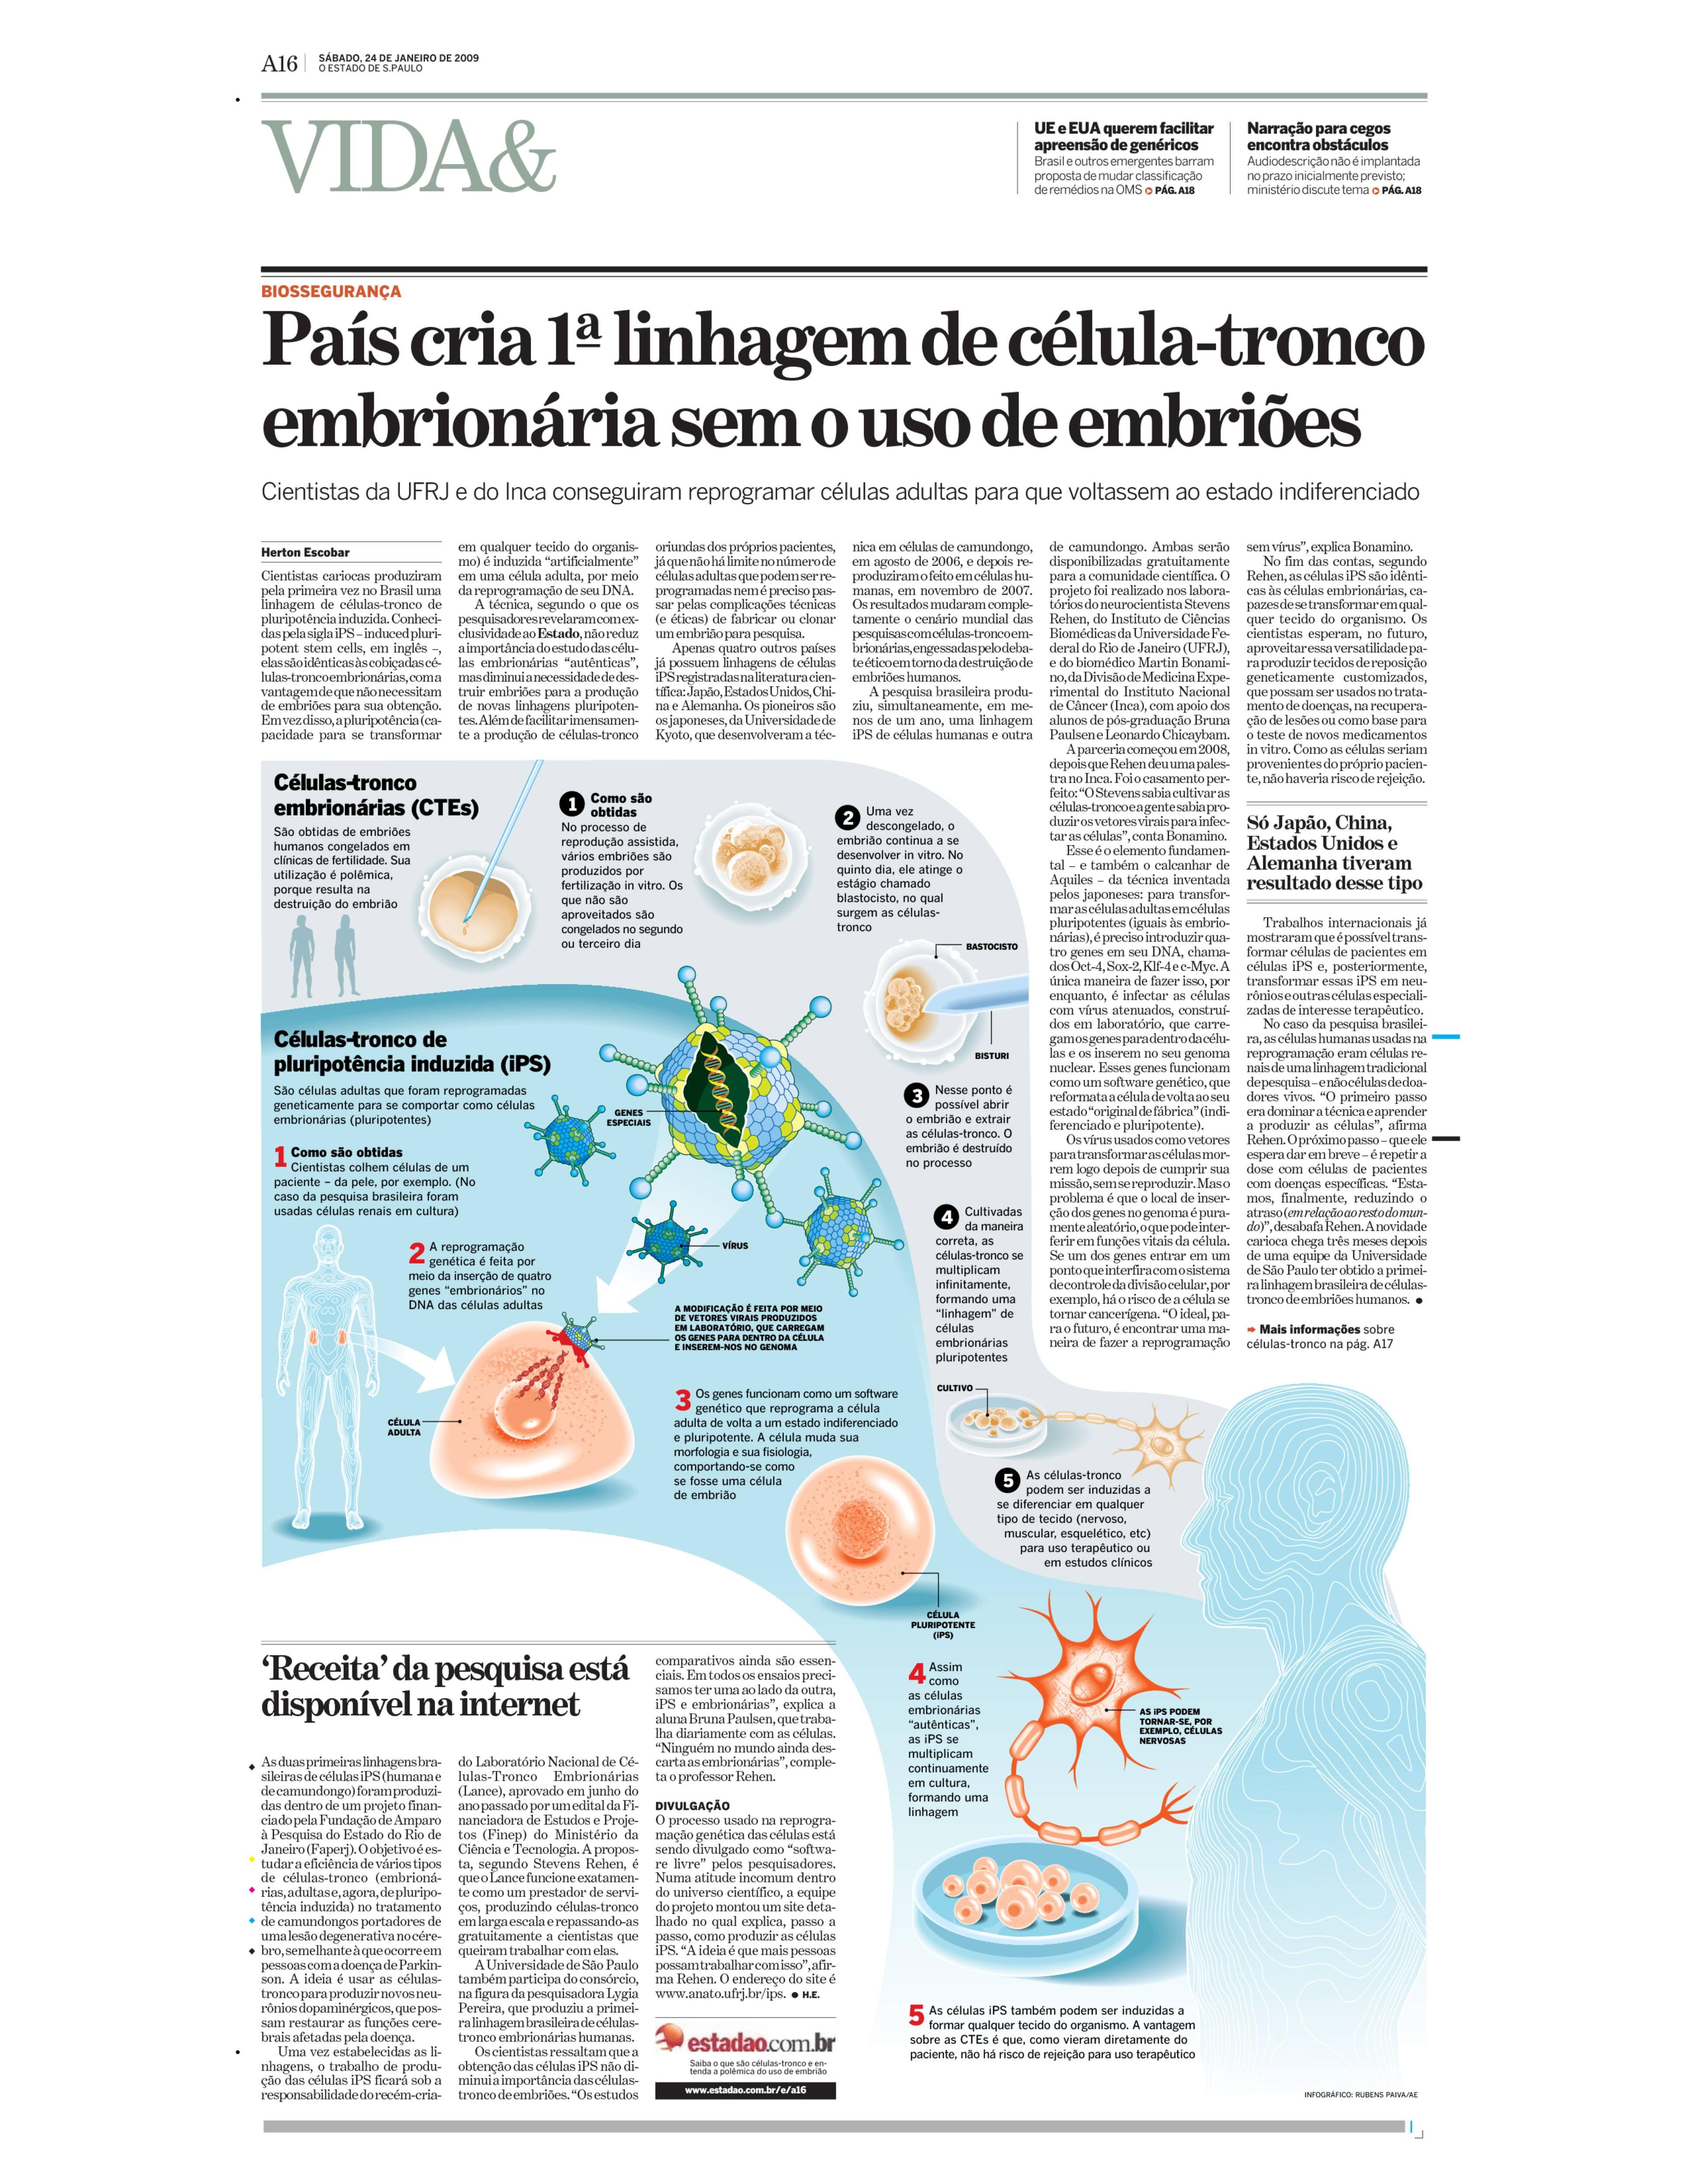 Brasil produz primeira linhagem de células embrionárias sem embrião